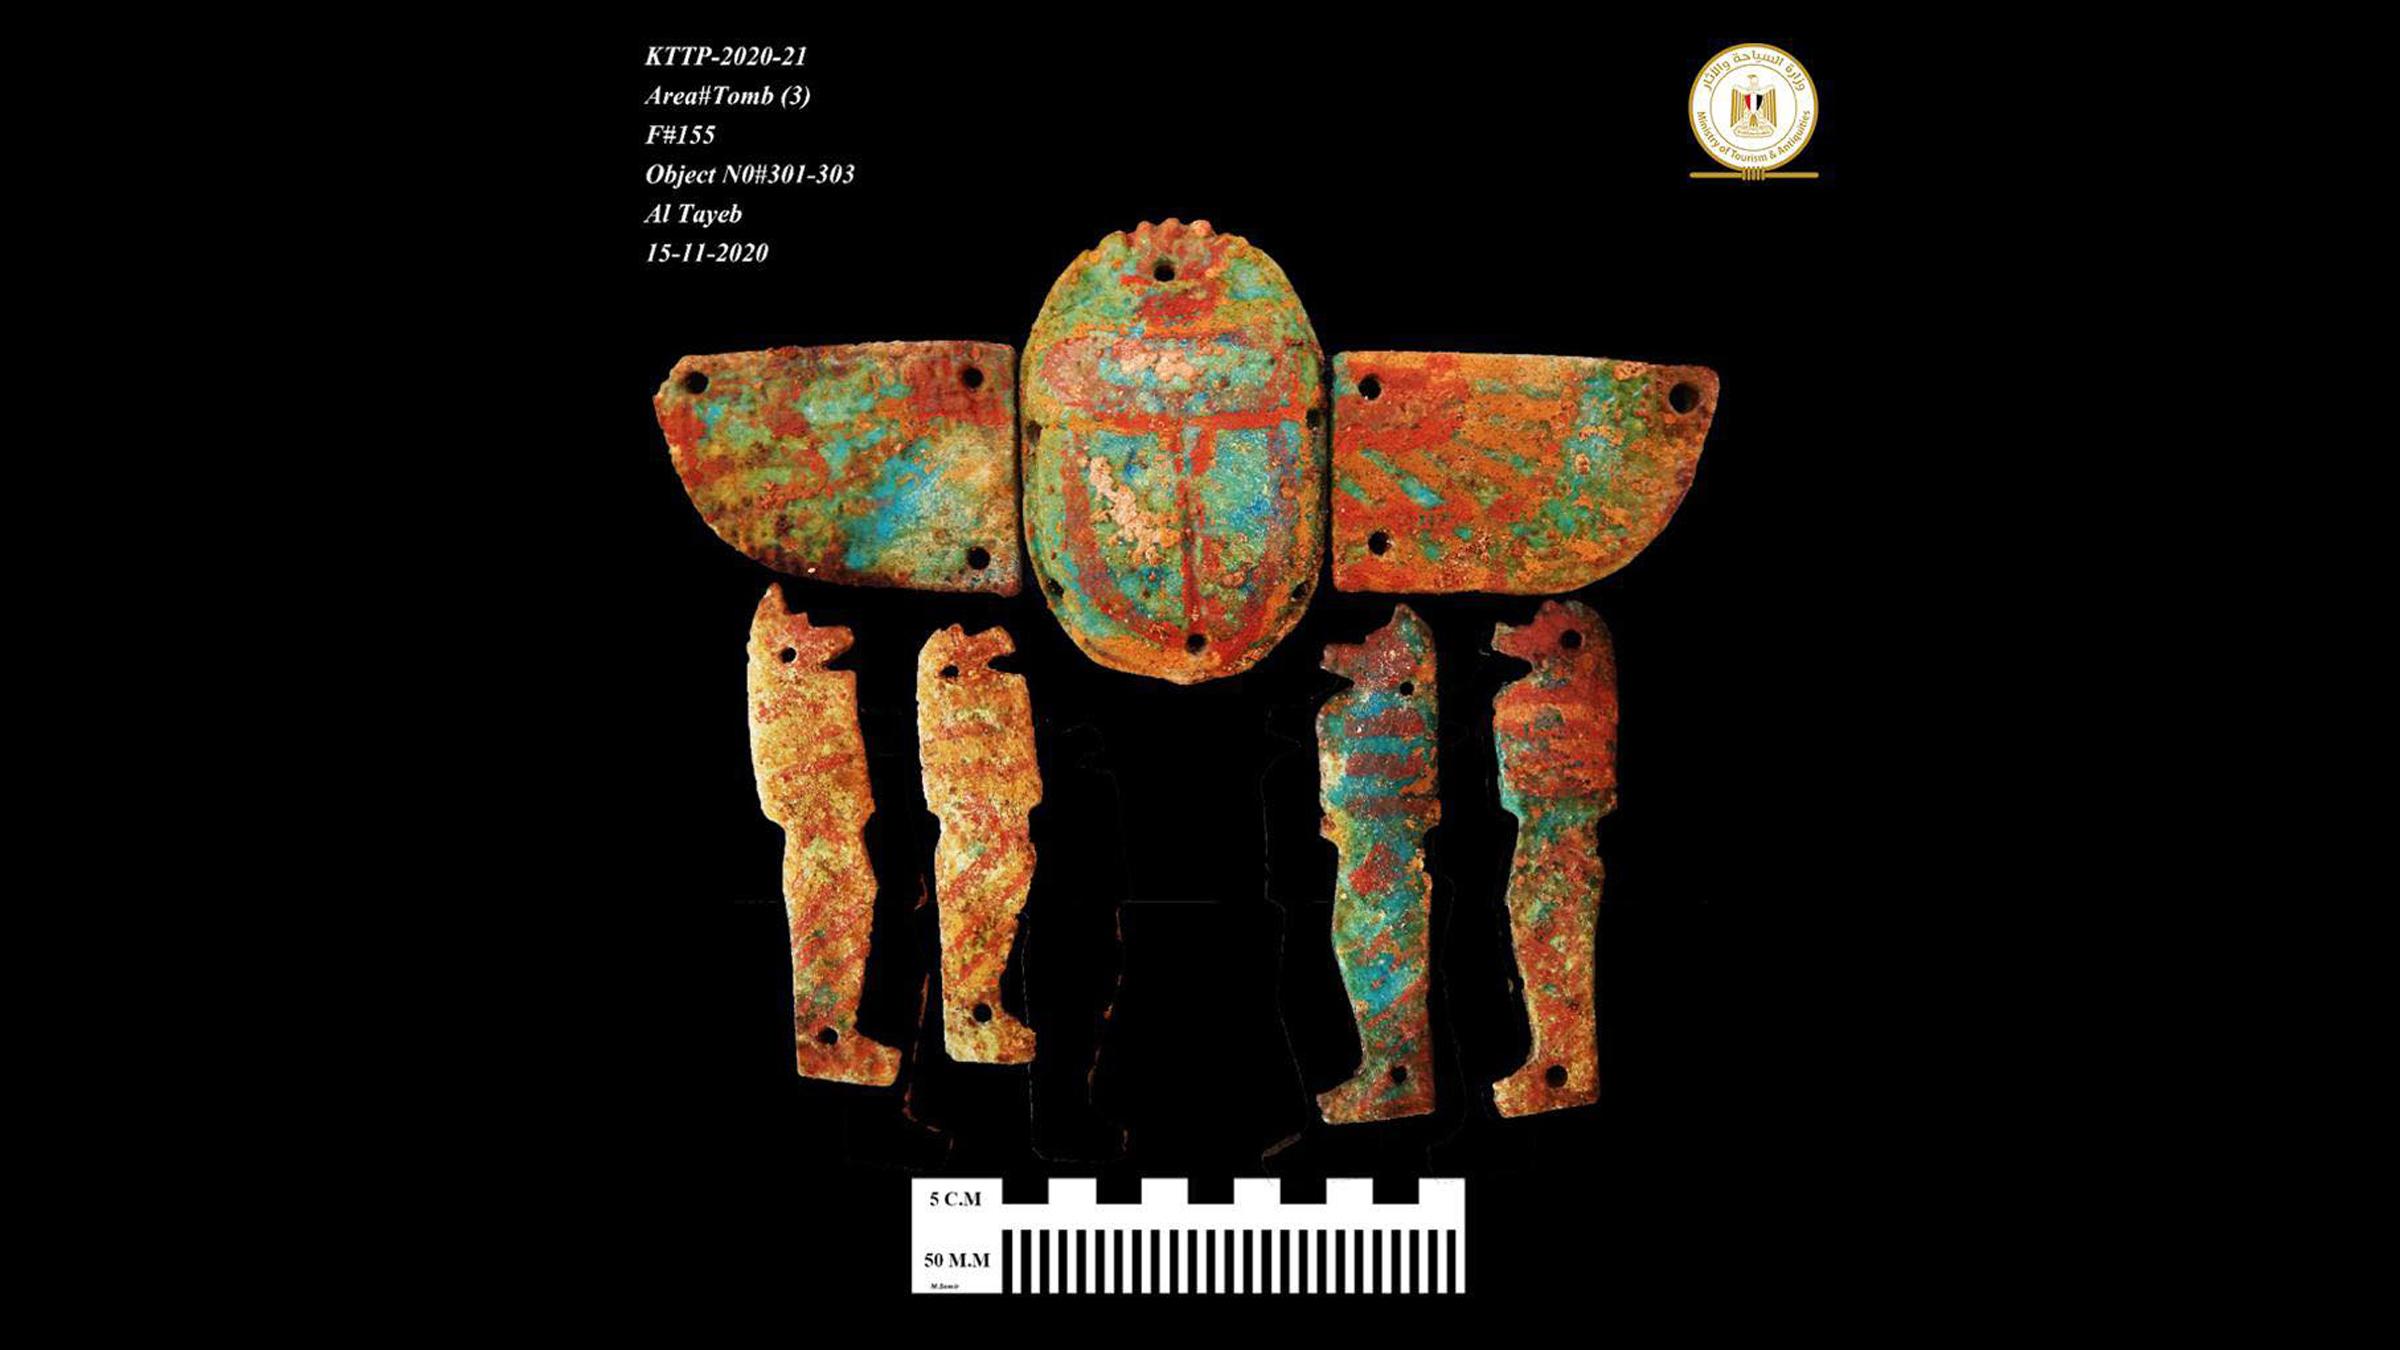 Un artefact peint trouvé sur le site.